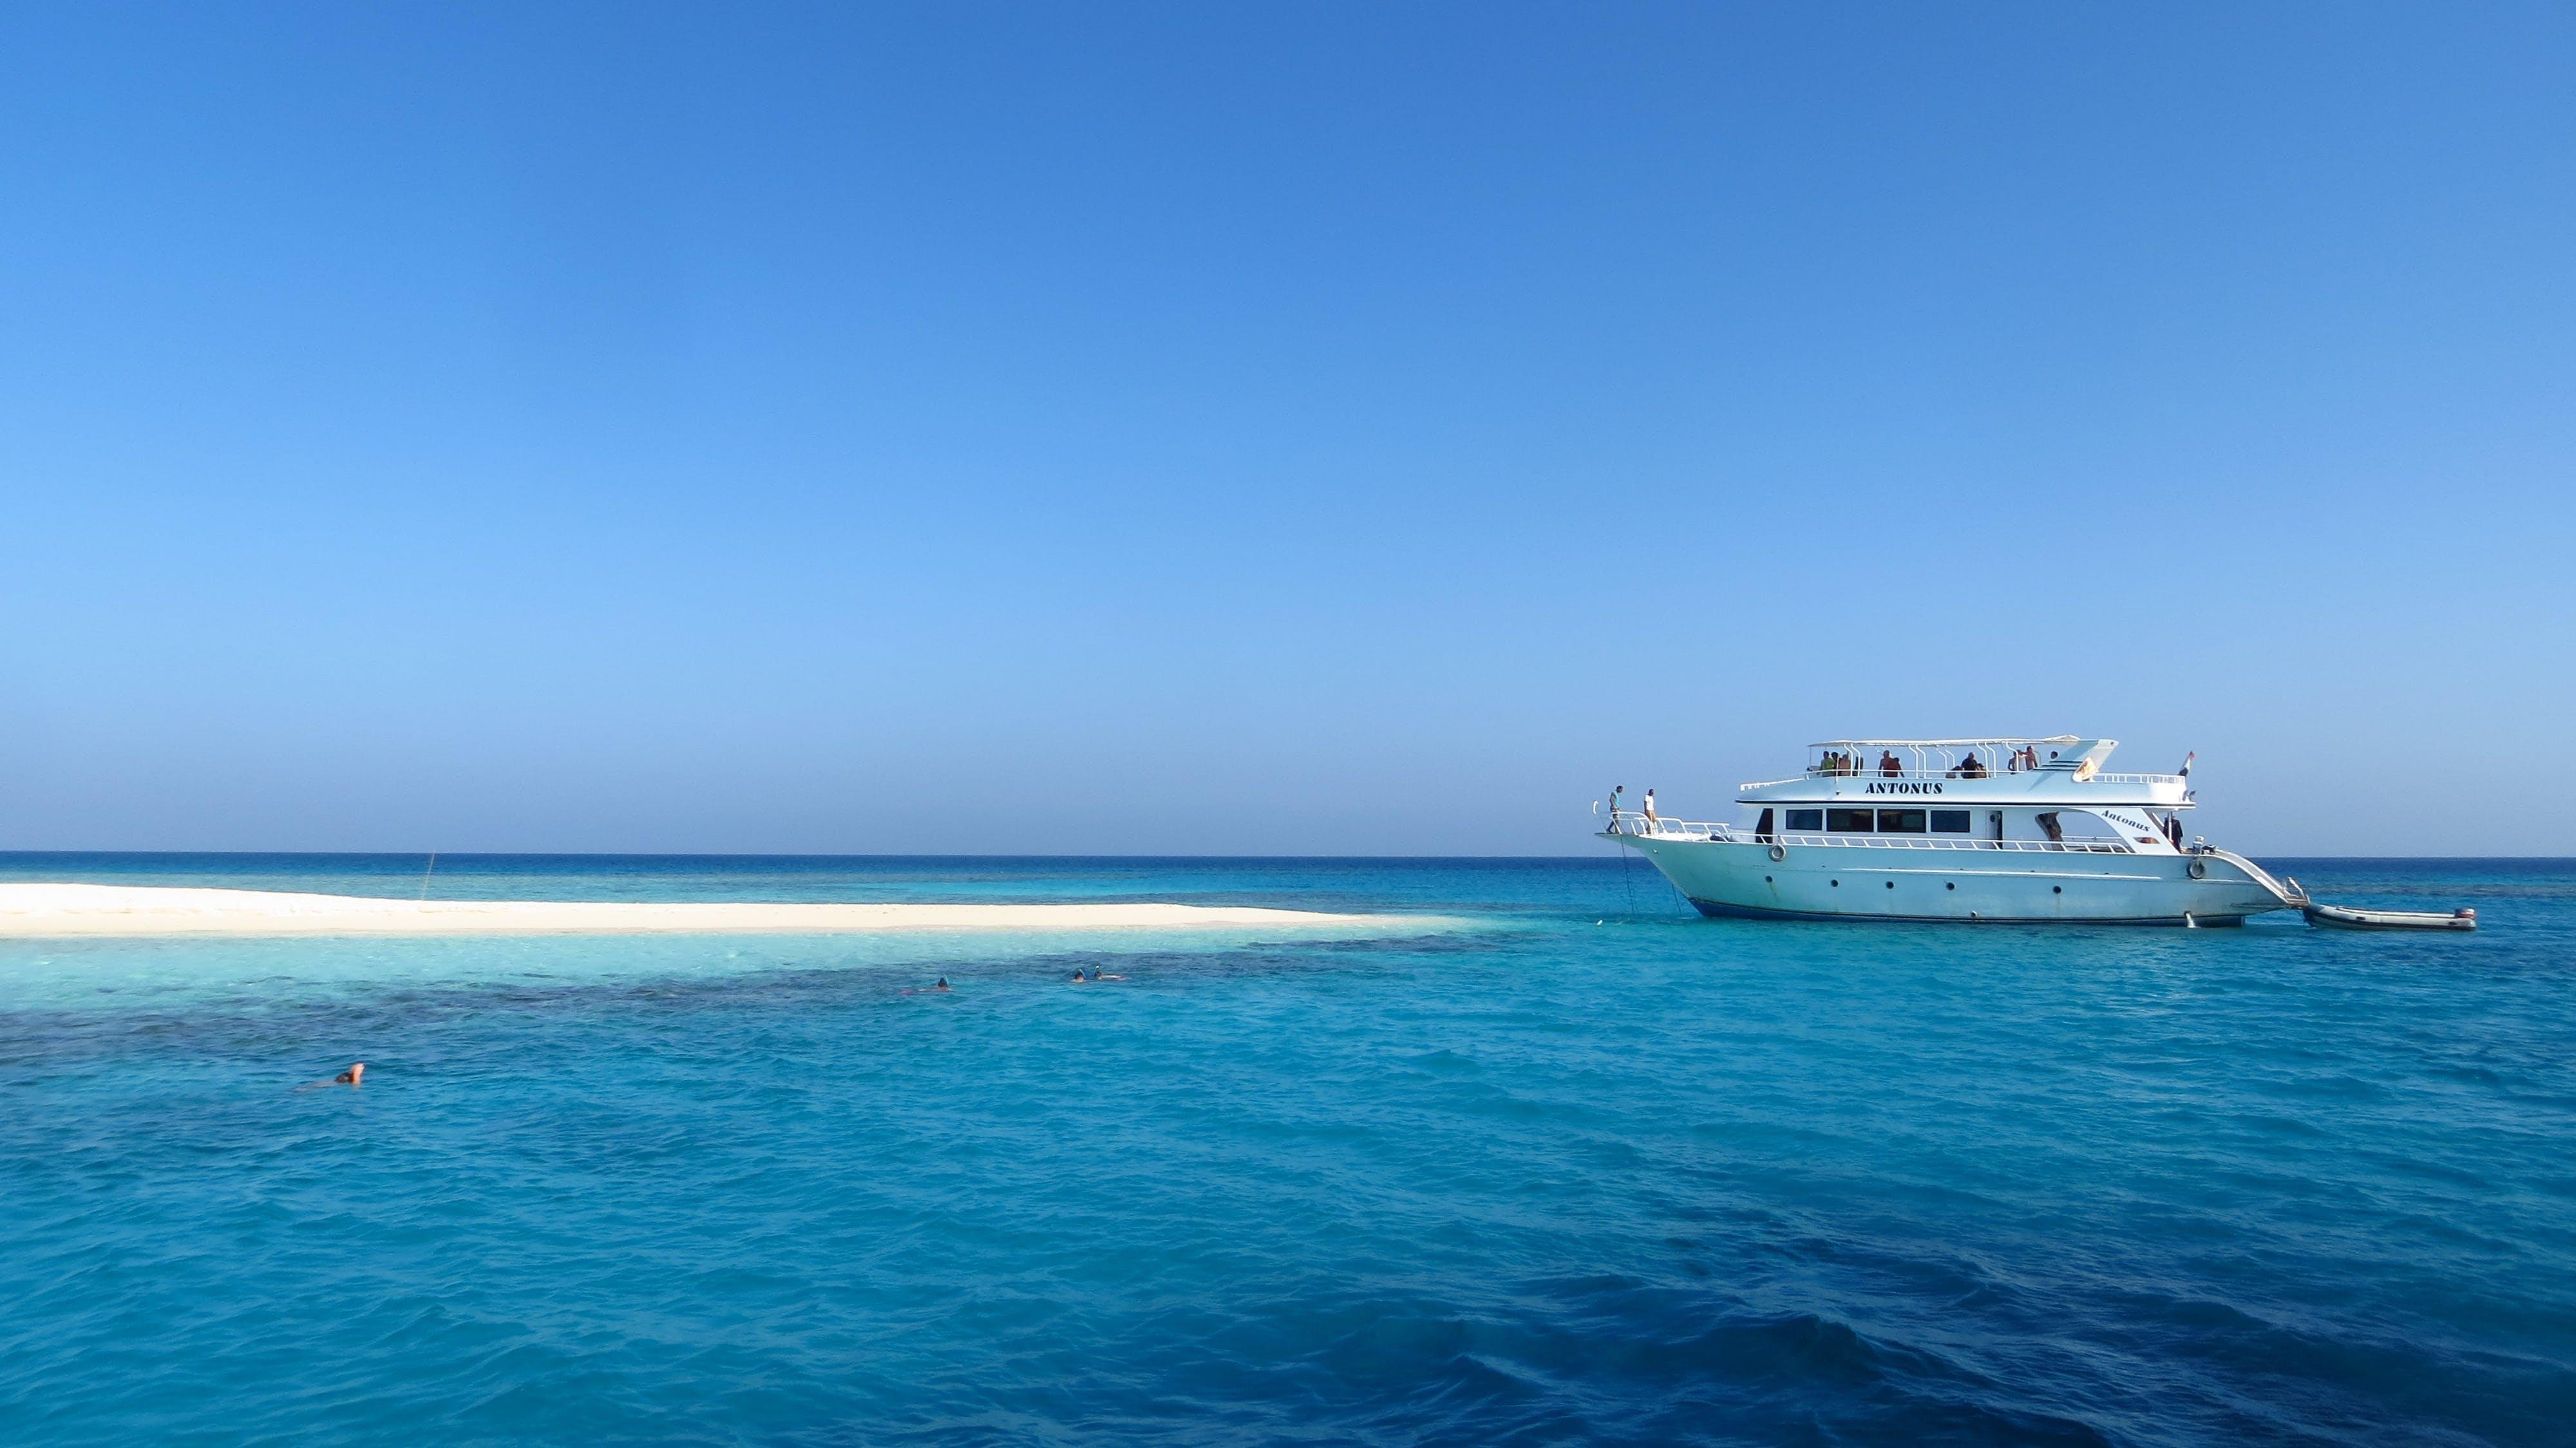 Δωρεάν στοκ φωτογραφιών με ακτή, αναψυχή, βάρκα, γαλαζοπράσινος